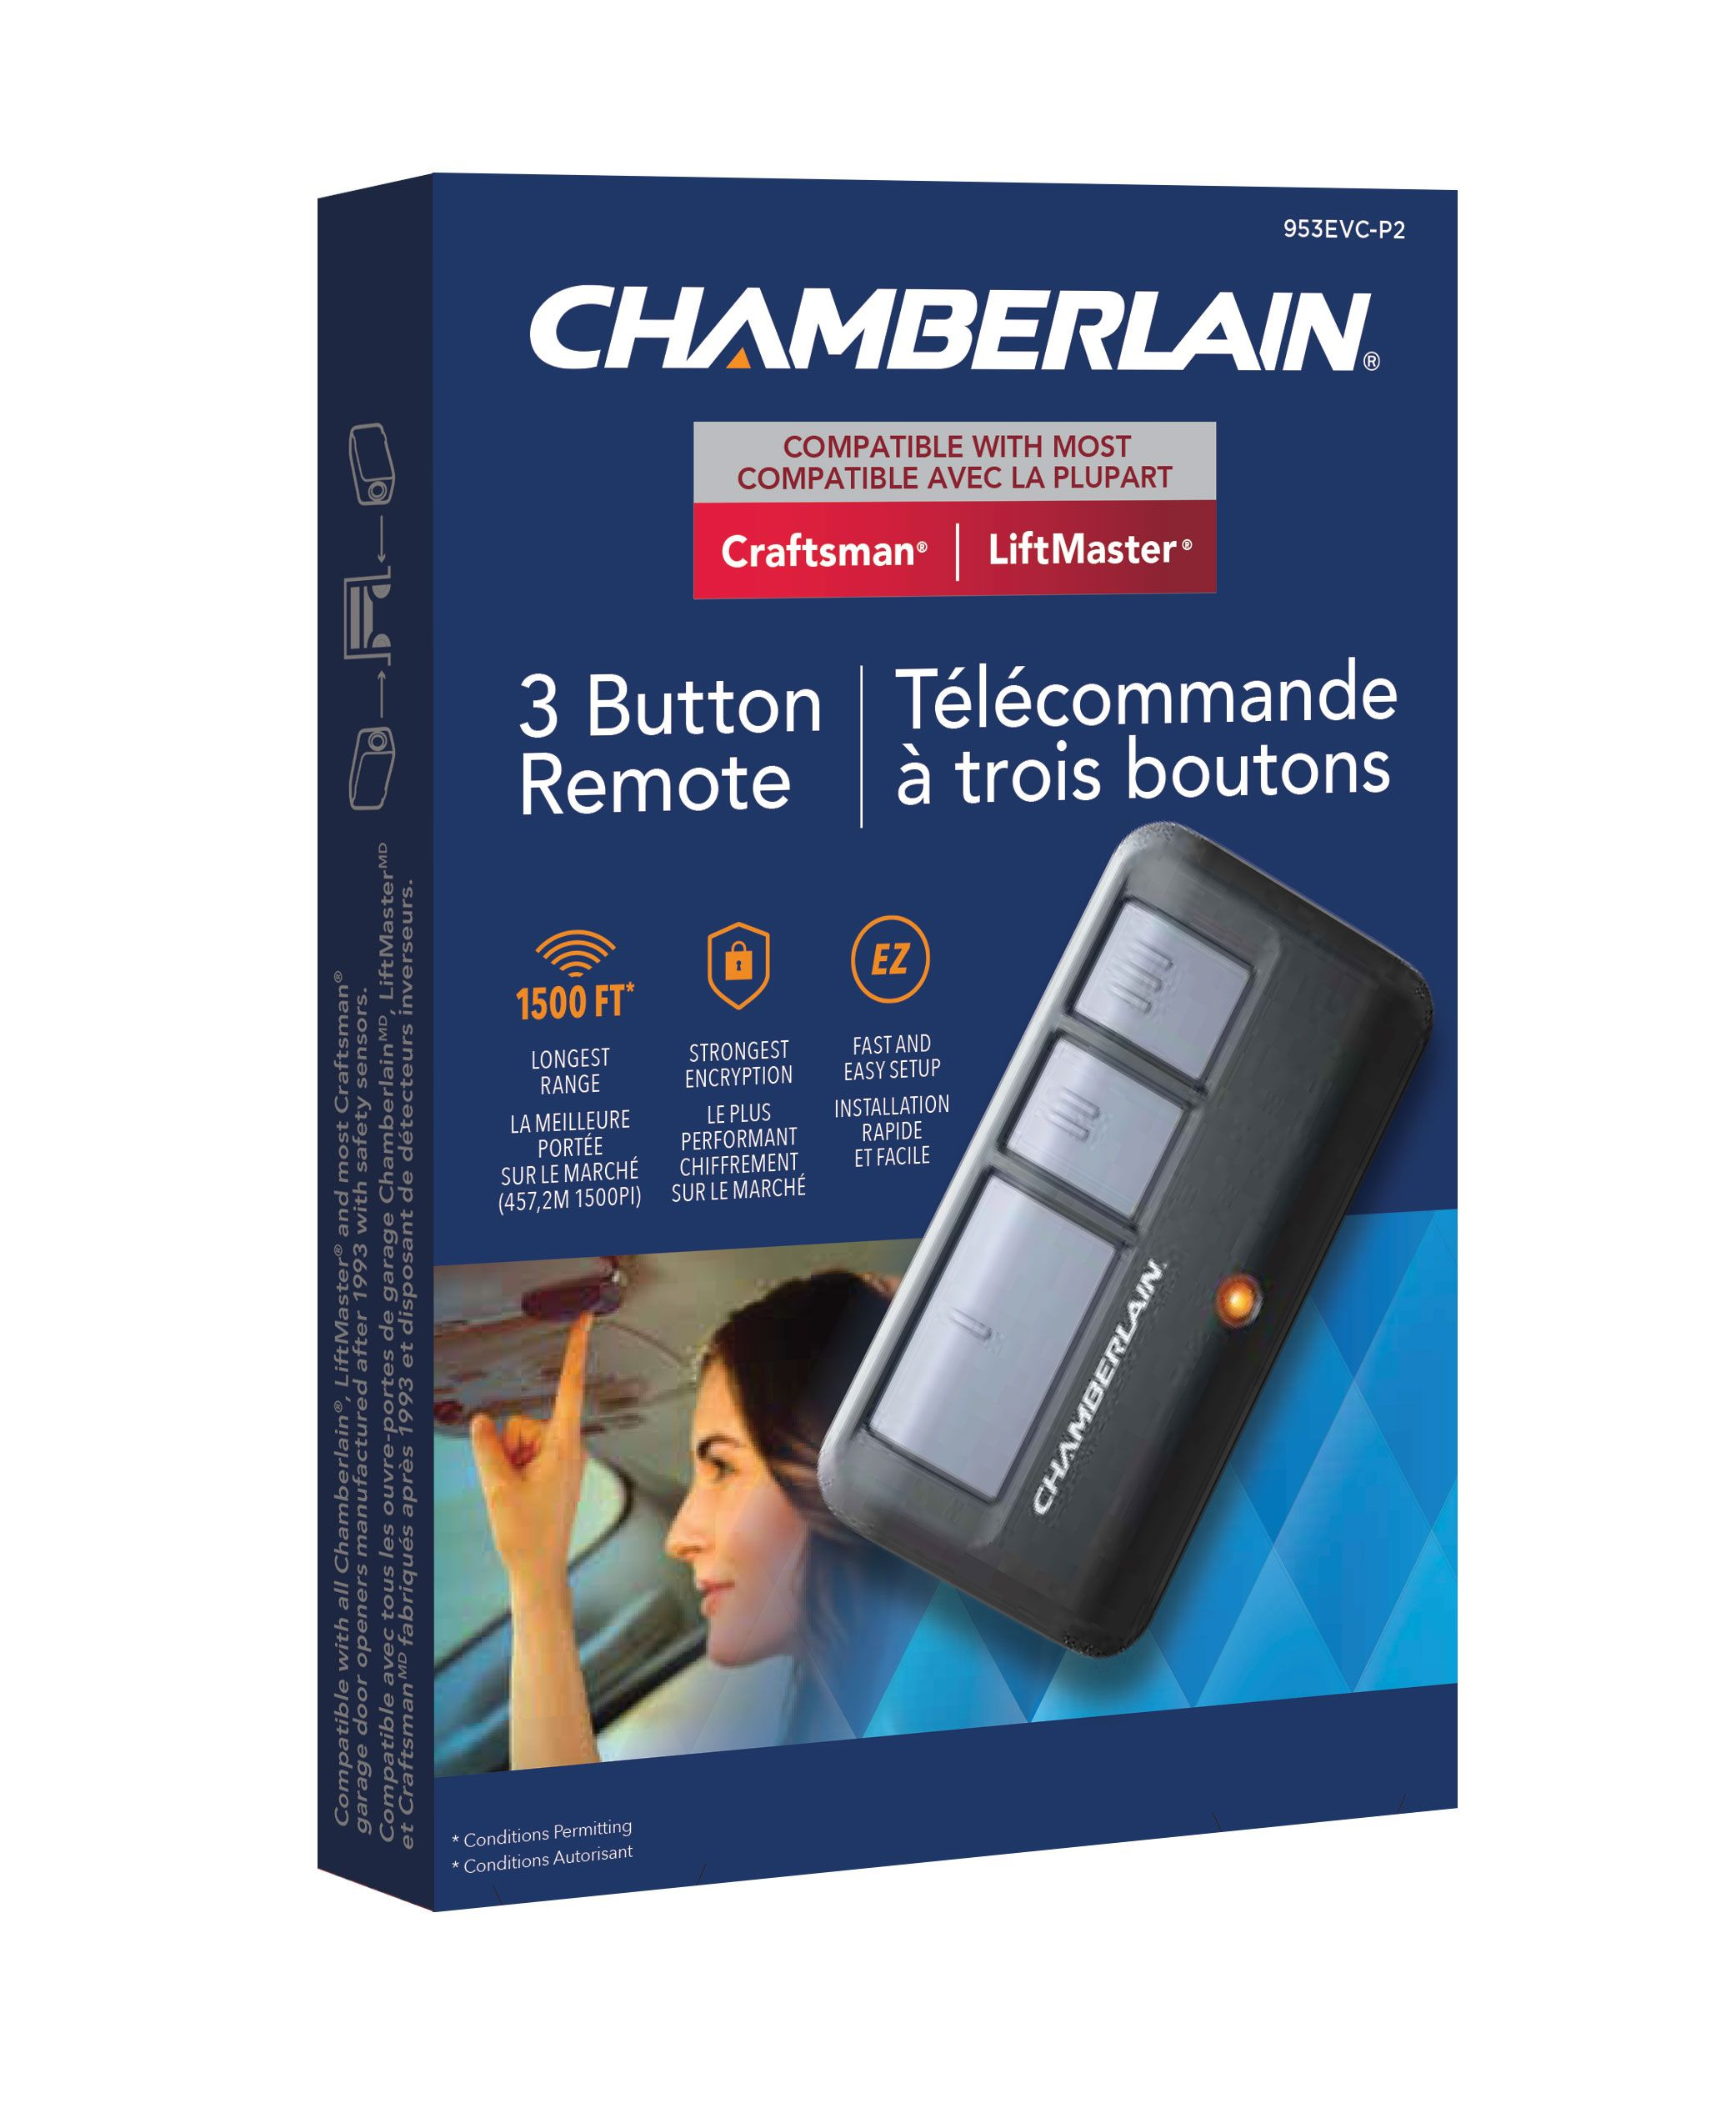 Chamberlain 3 Button Remote Garage Door Opener Accessories Kent Building Supplies